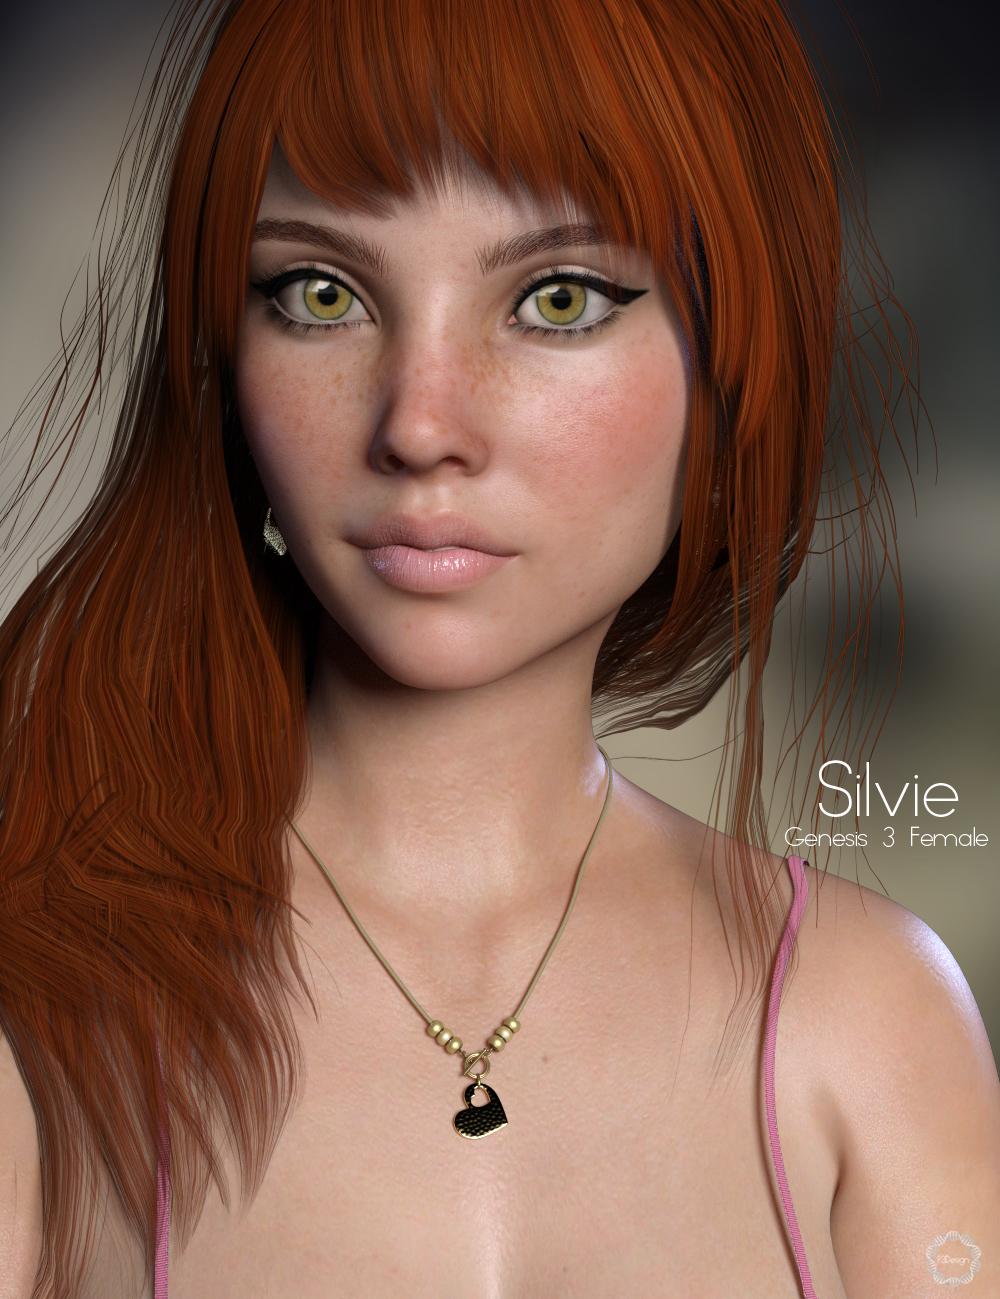 P3D Silvie by: P3Design, 3D Models by Daz 3D